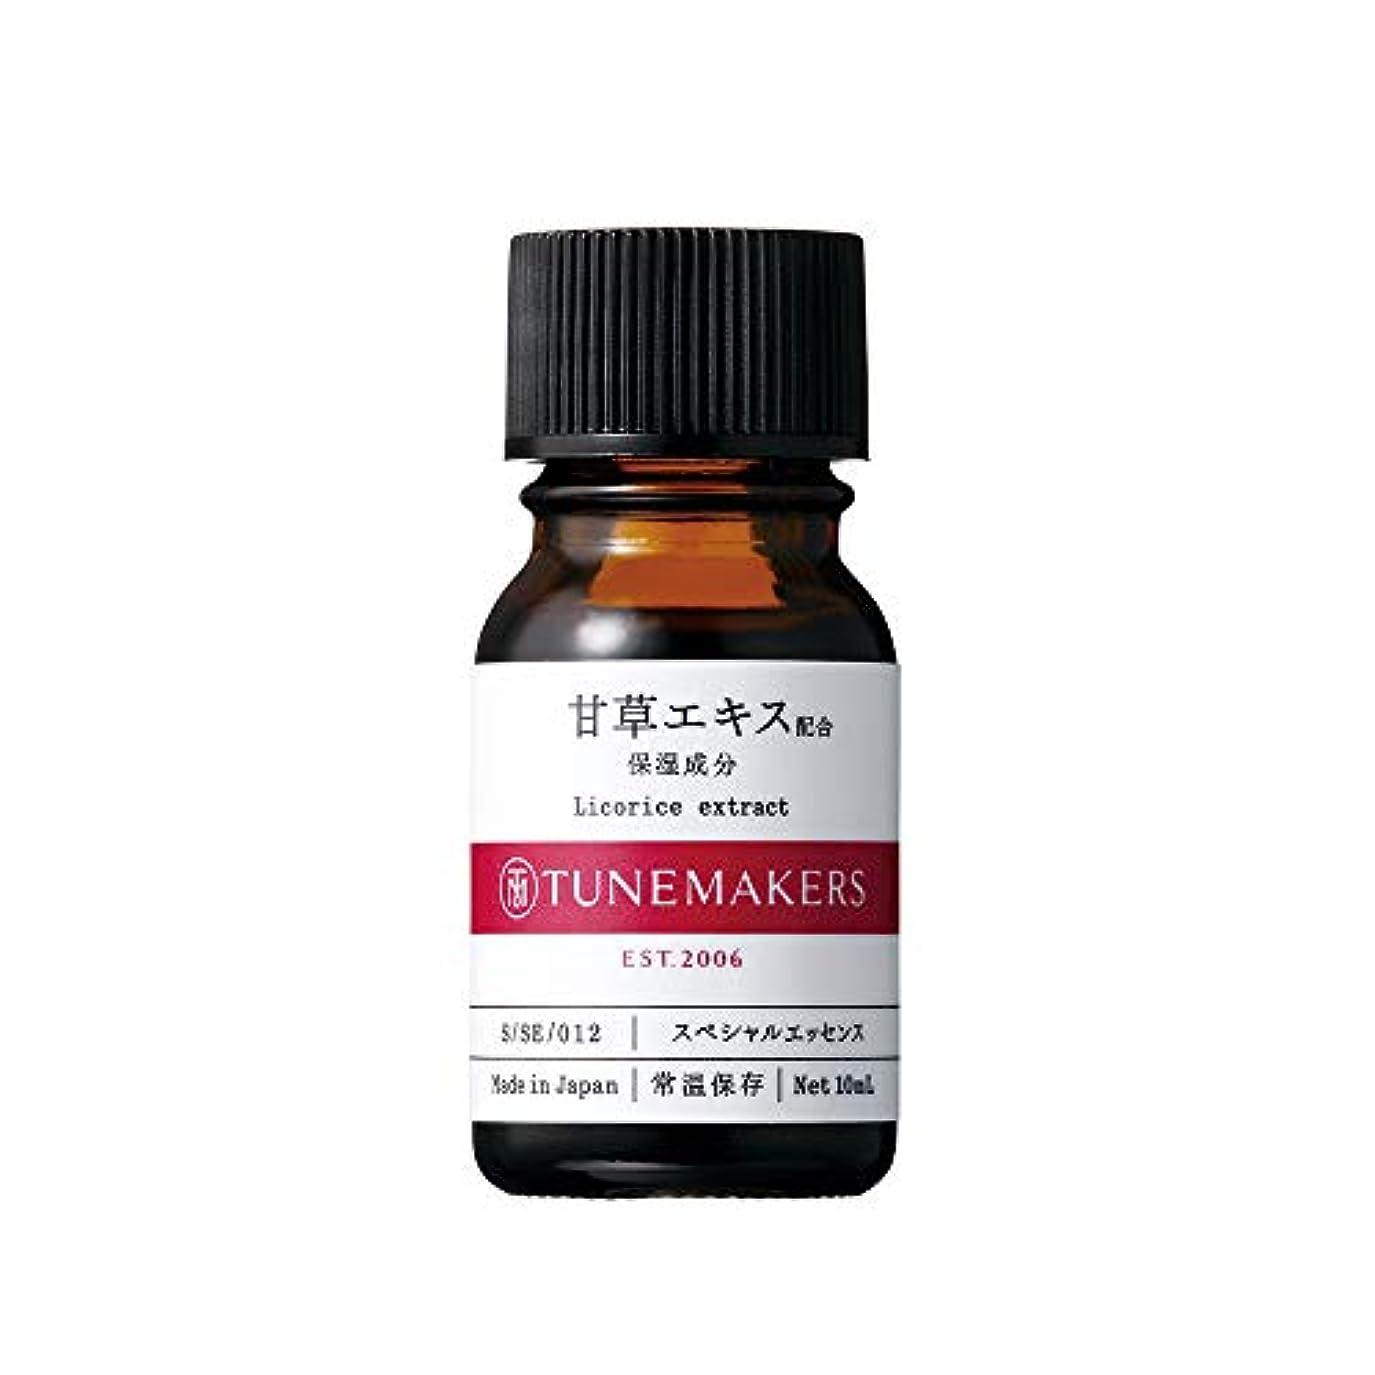 ロック解除底炎上TUNEMAKERS(チューンメーカーズ) 甘草エキス 美容液 10ml